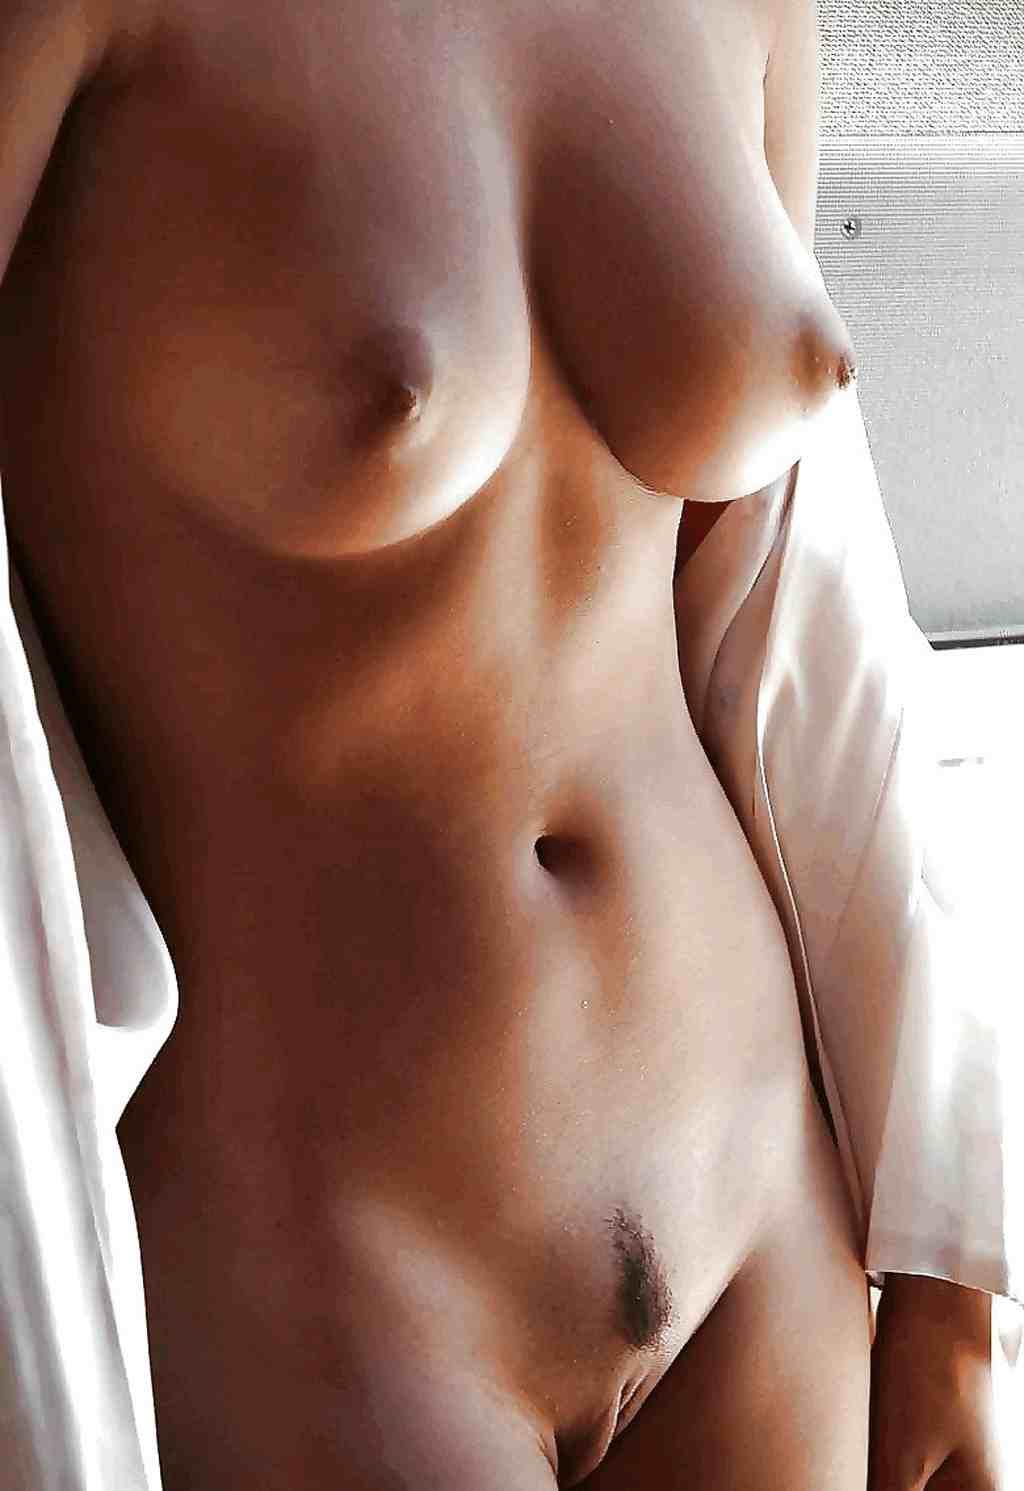 Стоячая грудь открытая вагина 21 фотография